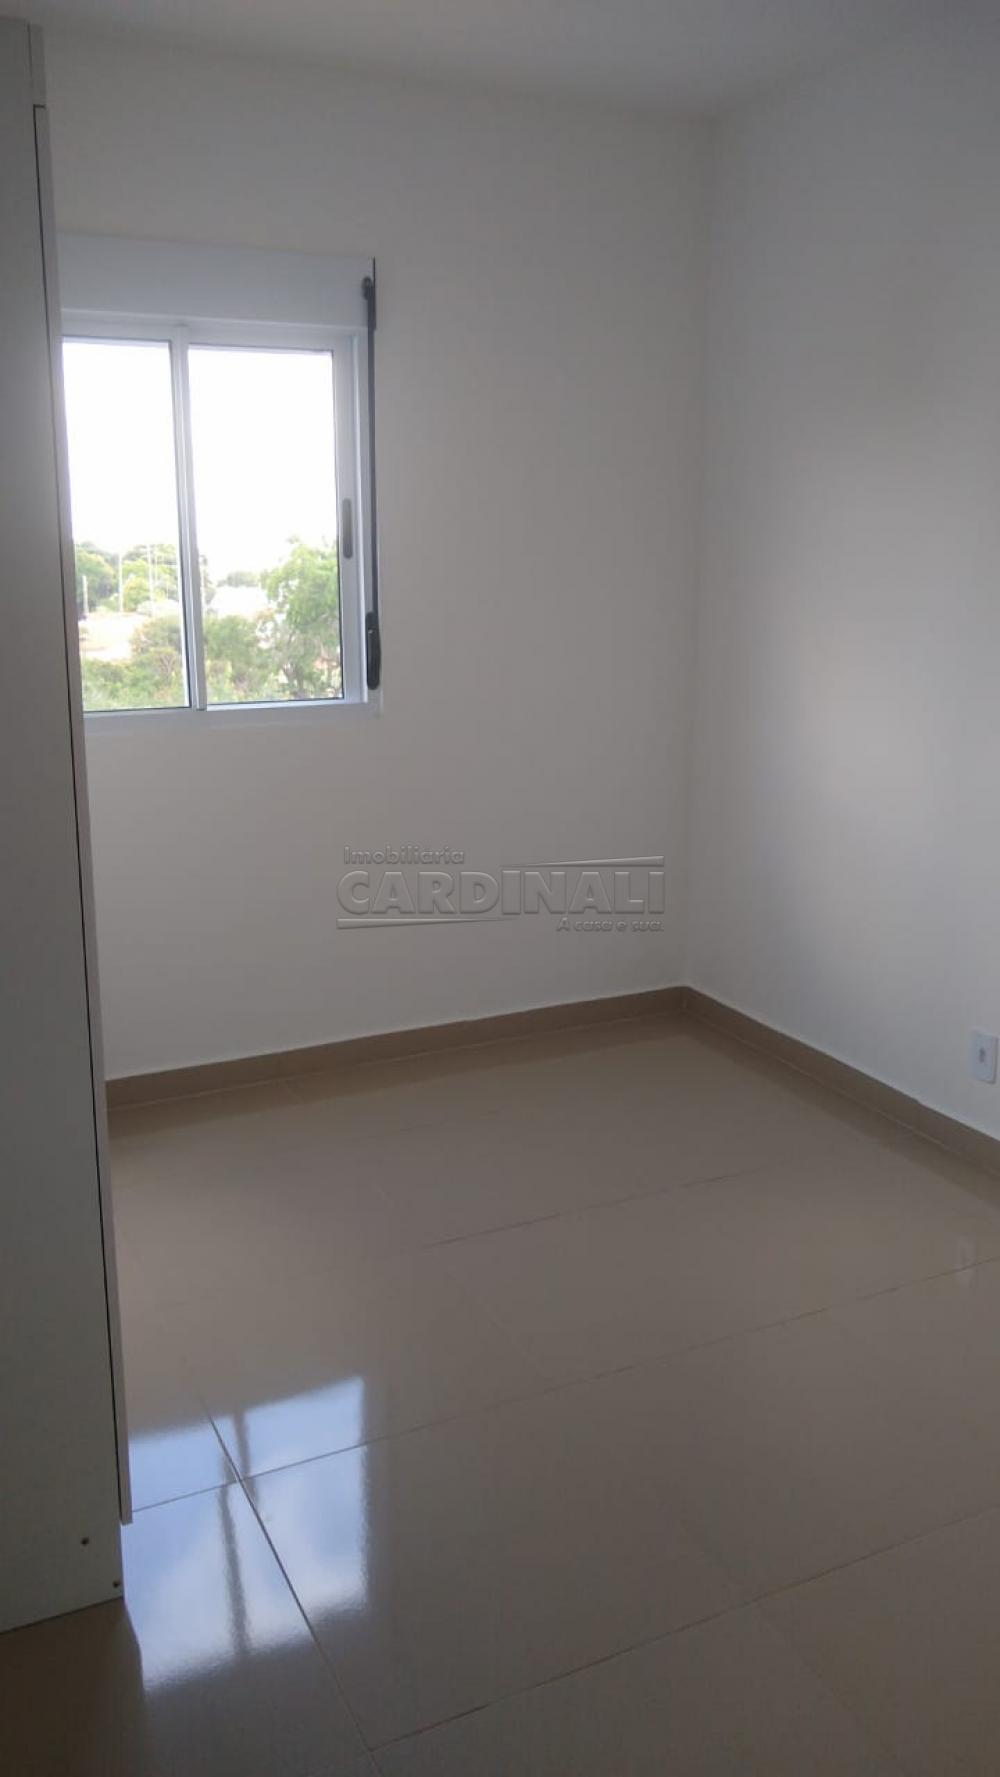 Alugar Apartamento / Padrão em São Carlos R$ 1.000,00 - Foto 16